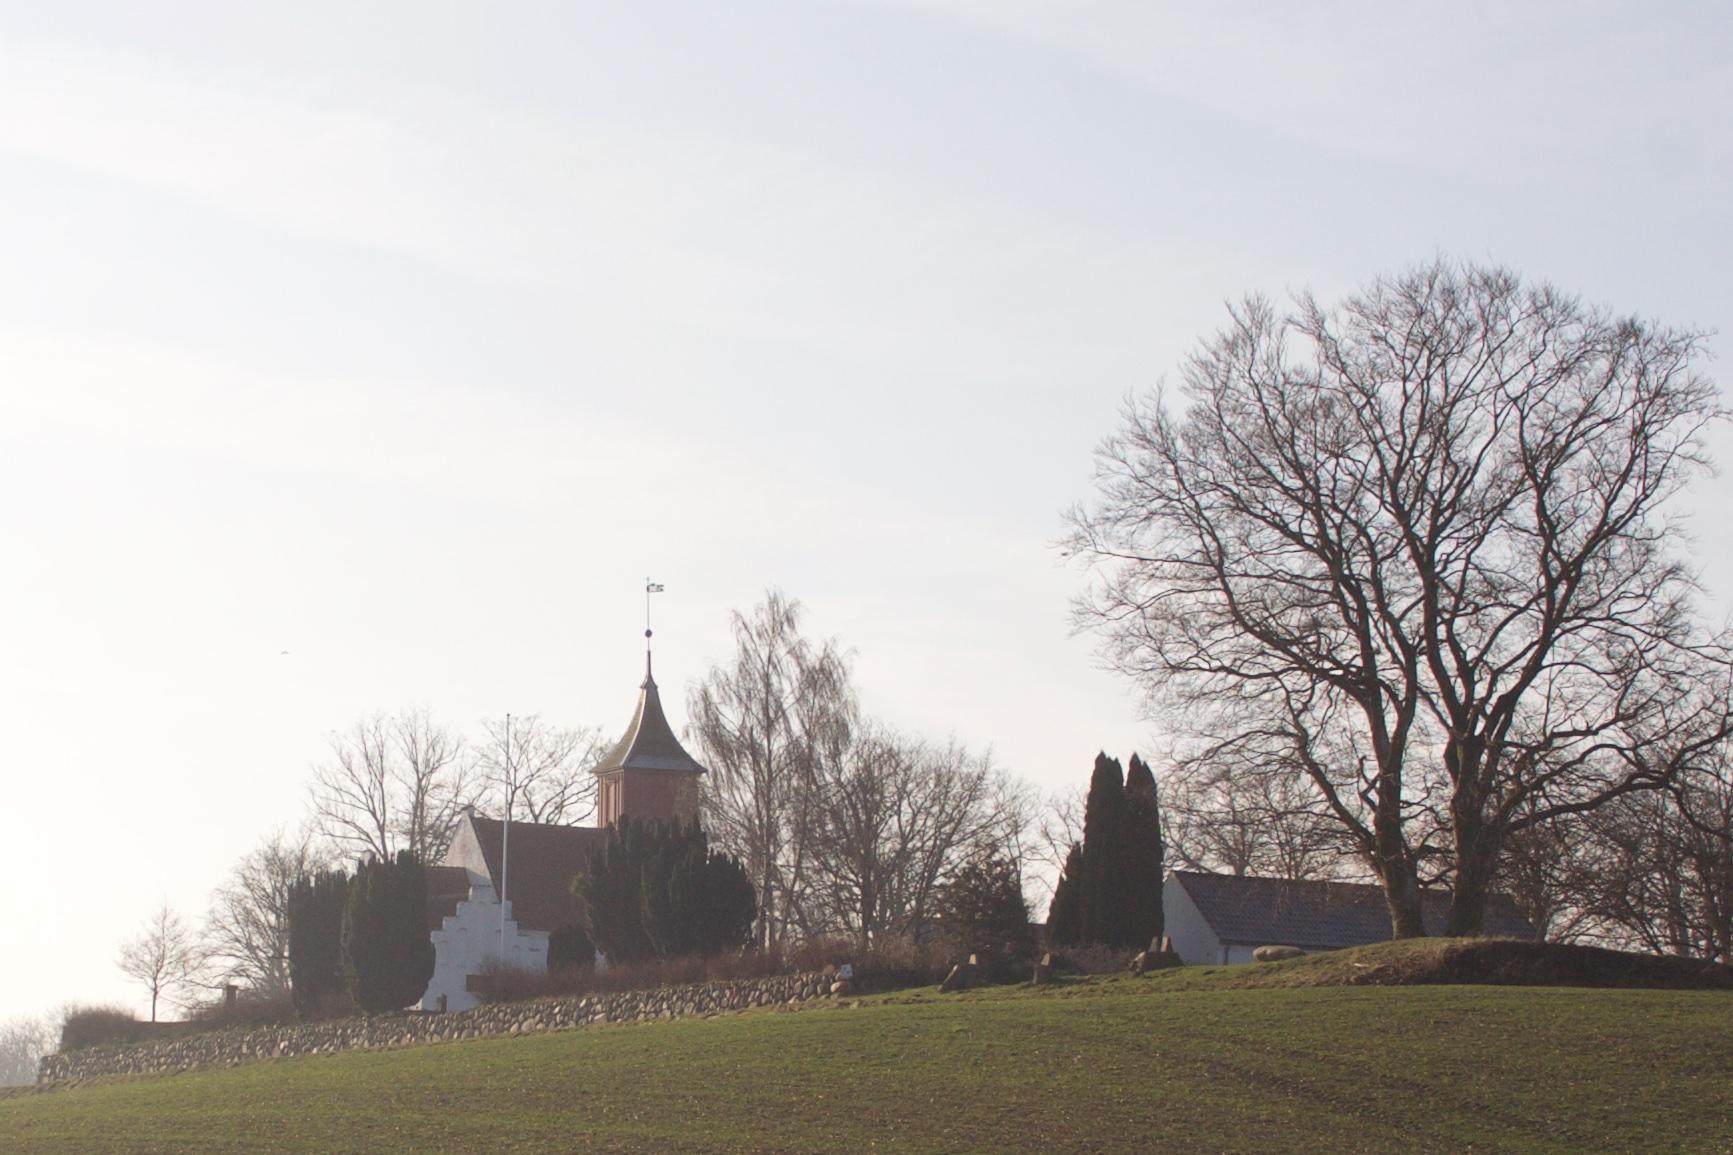 Kornerup Kirke og kirkegård set fra øst, hvor et iøjnefaldende stendige danner en flot ramme om den lille kirke og kirkegård i det store landskab.